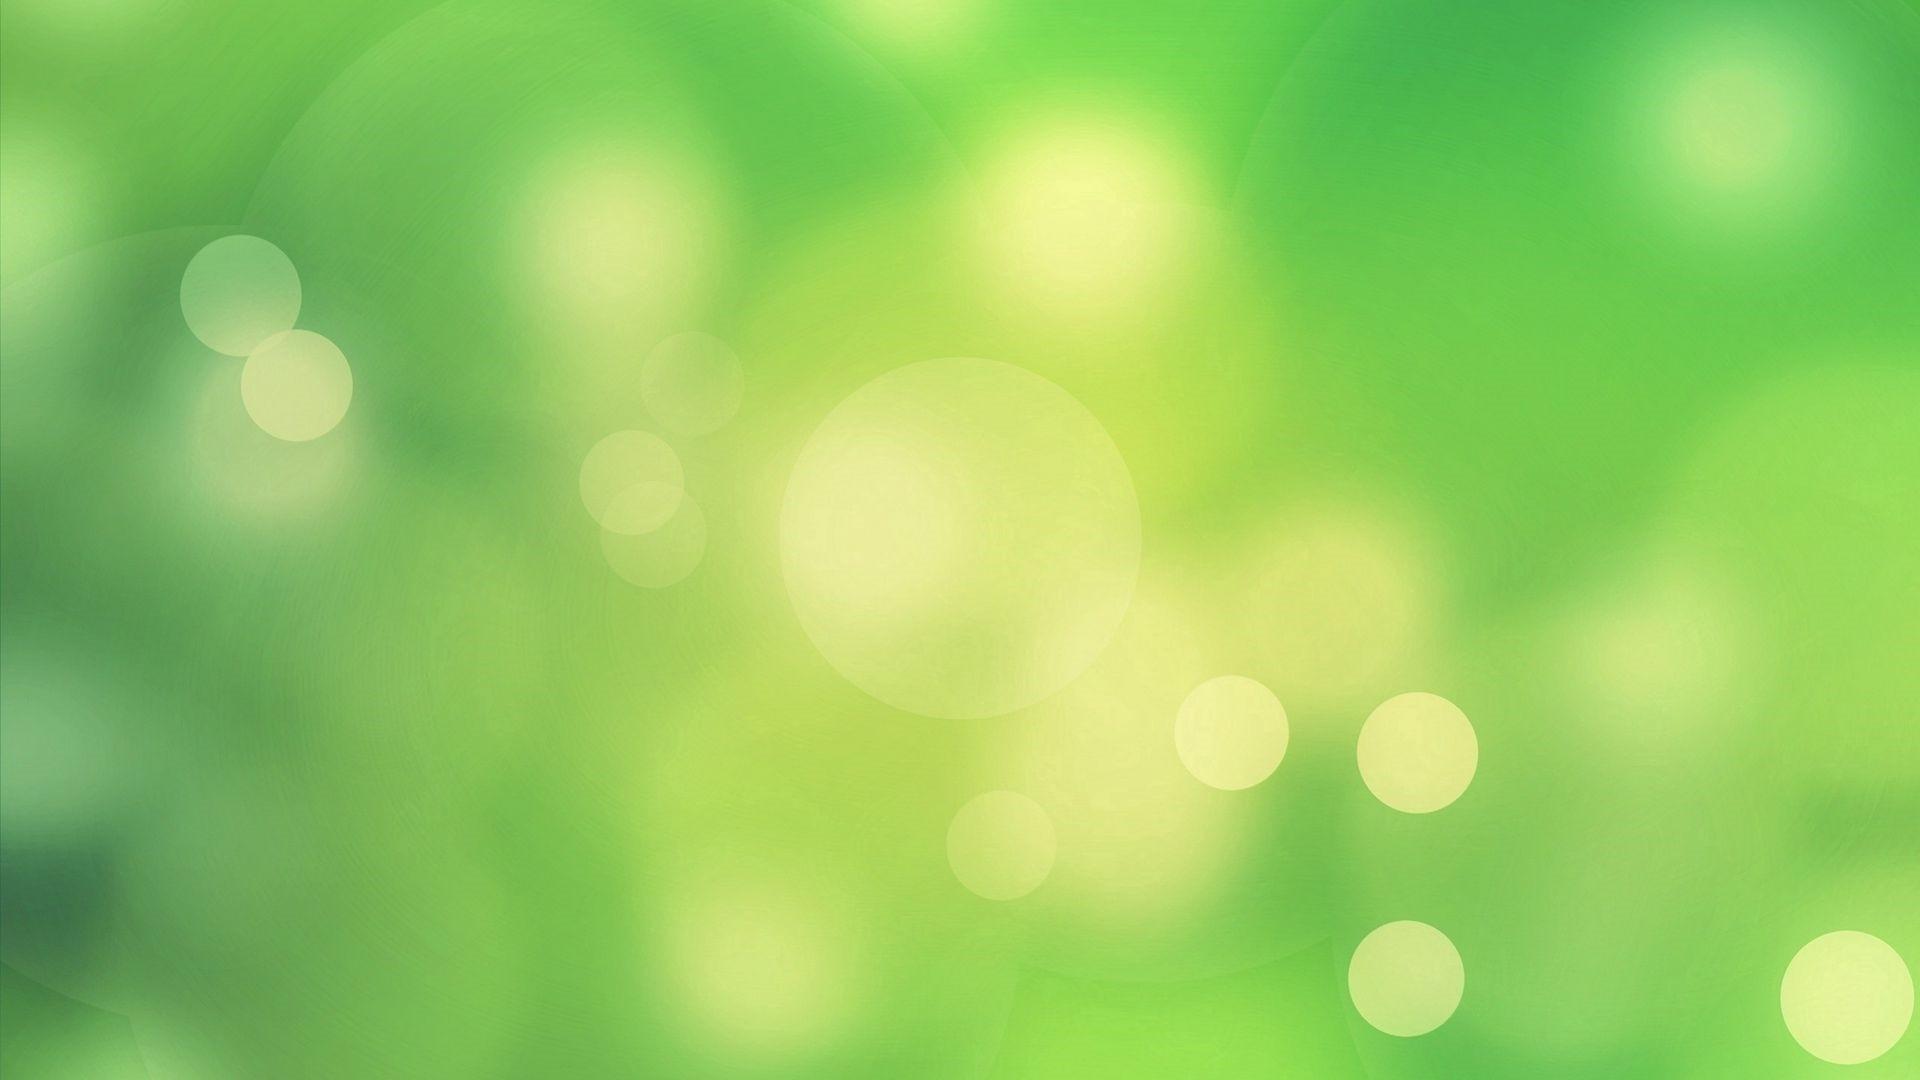 Spark Green Wallpaper for pc